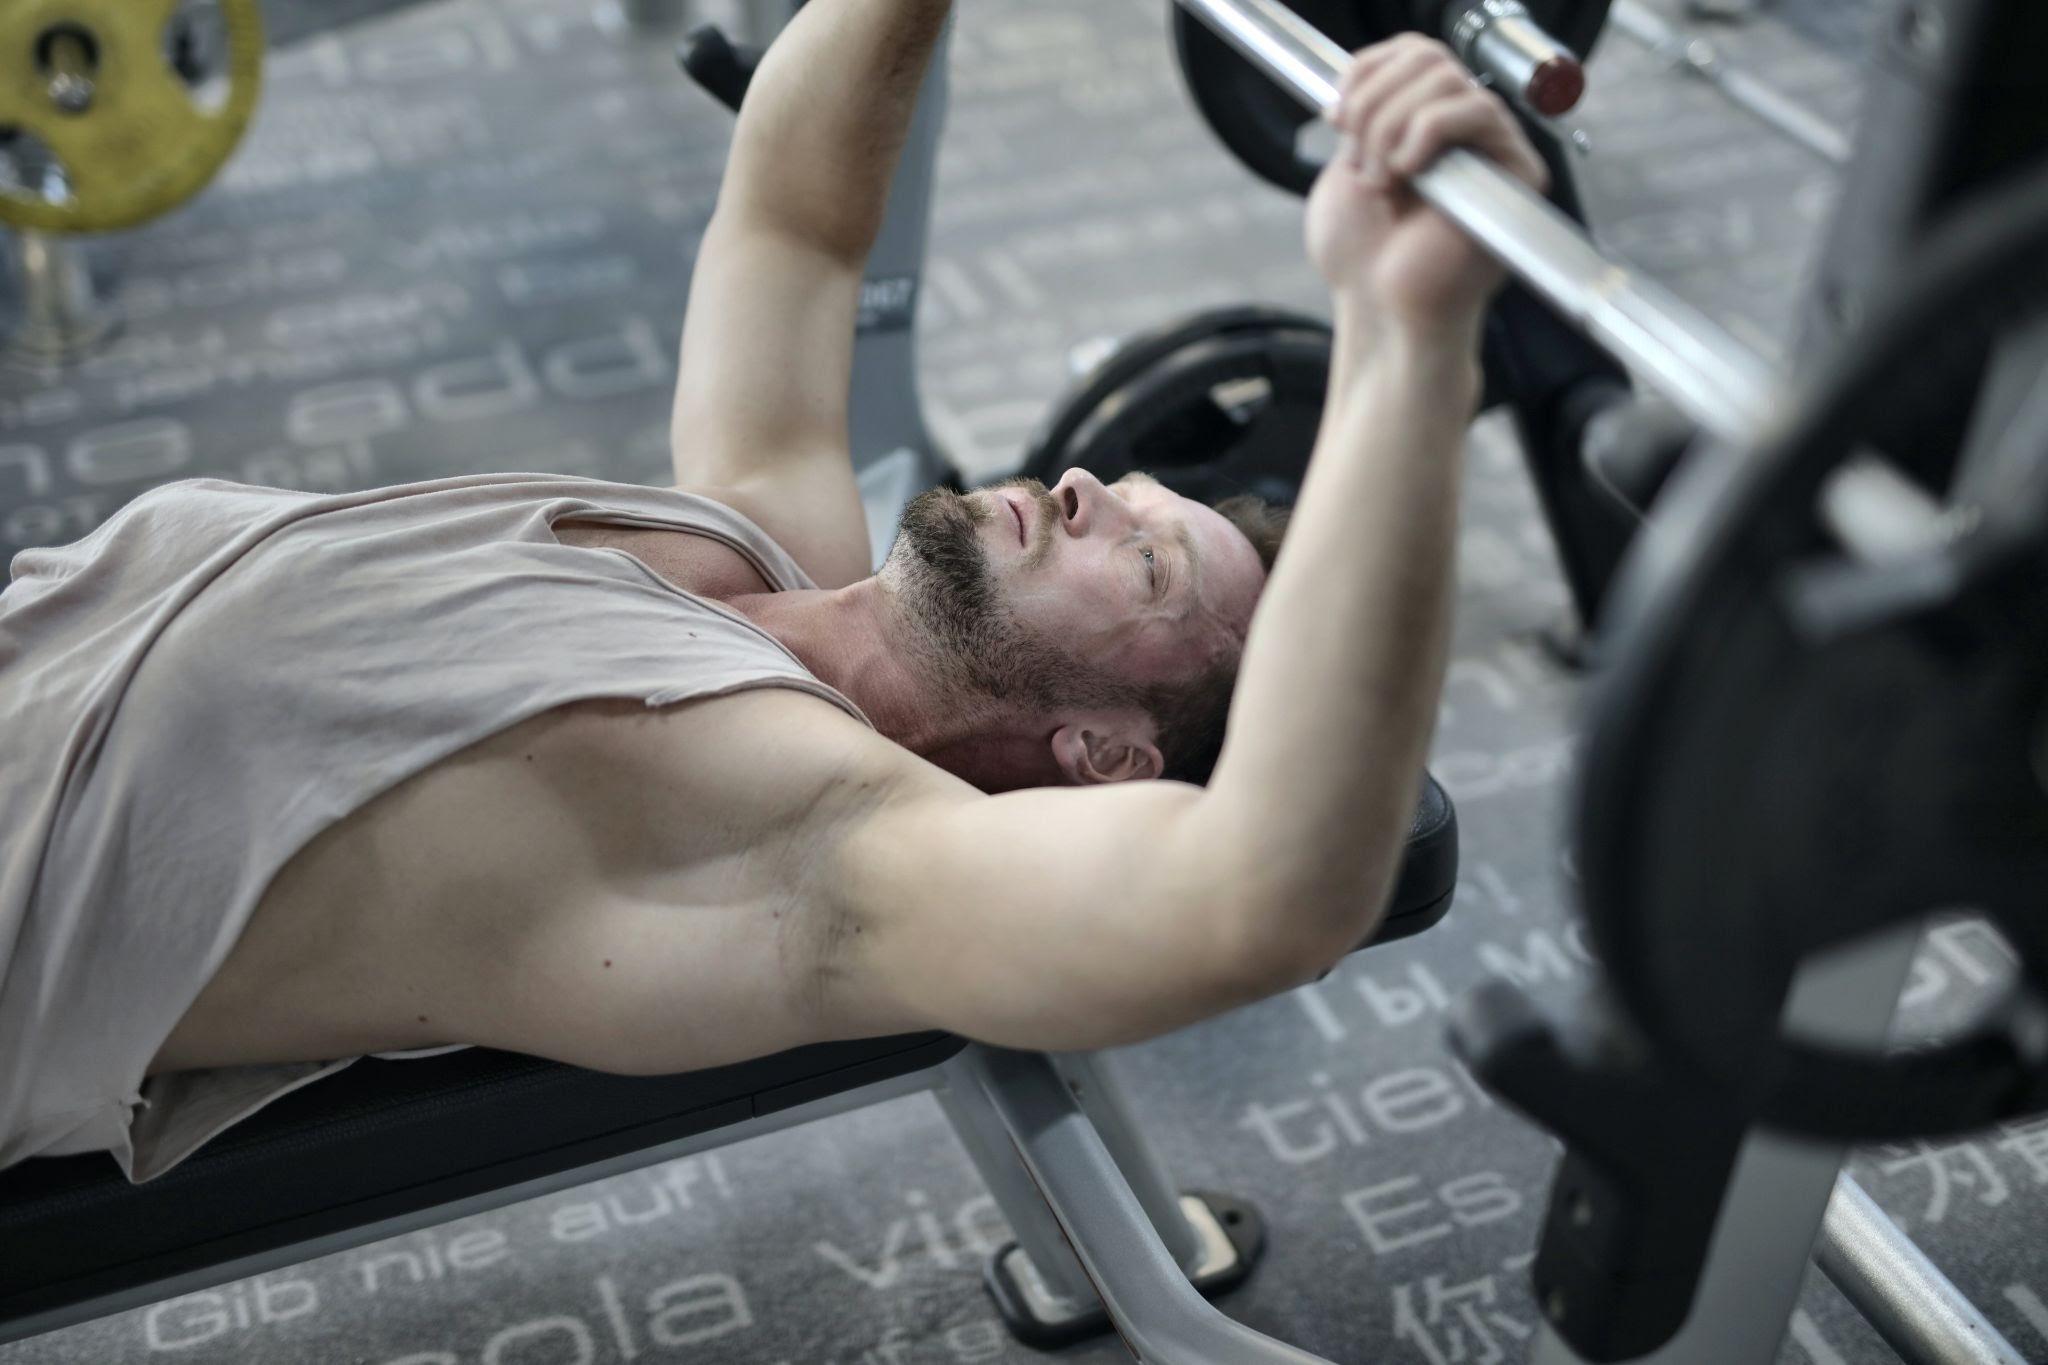 comment devenir plus fort avec la musculation